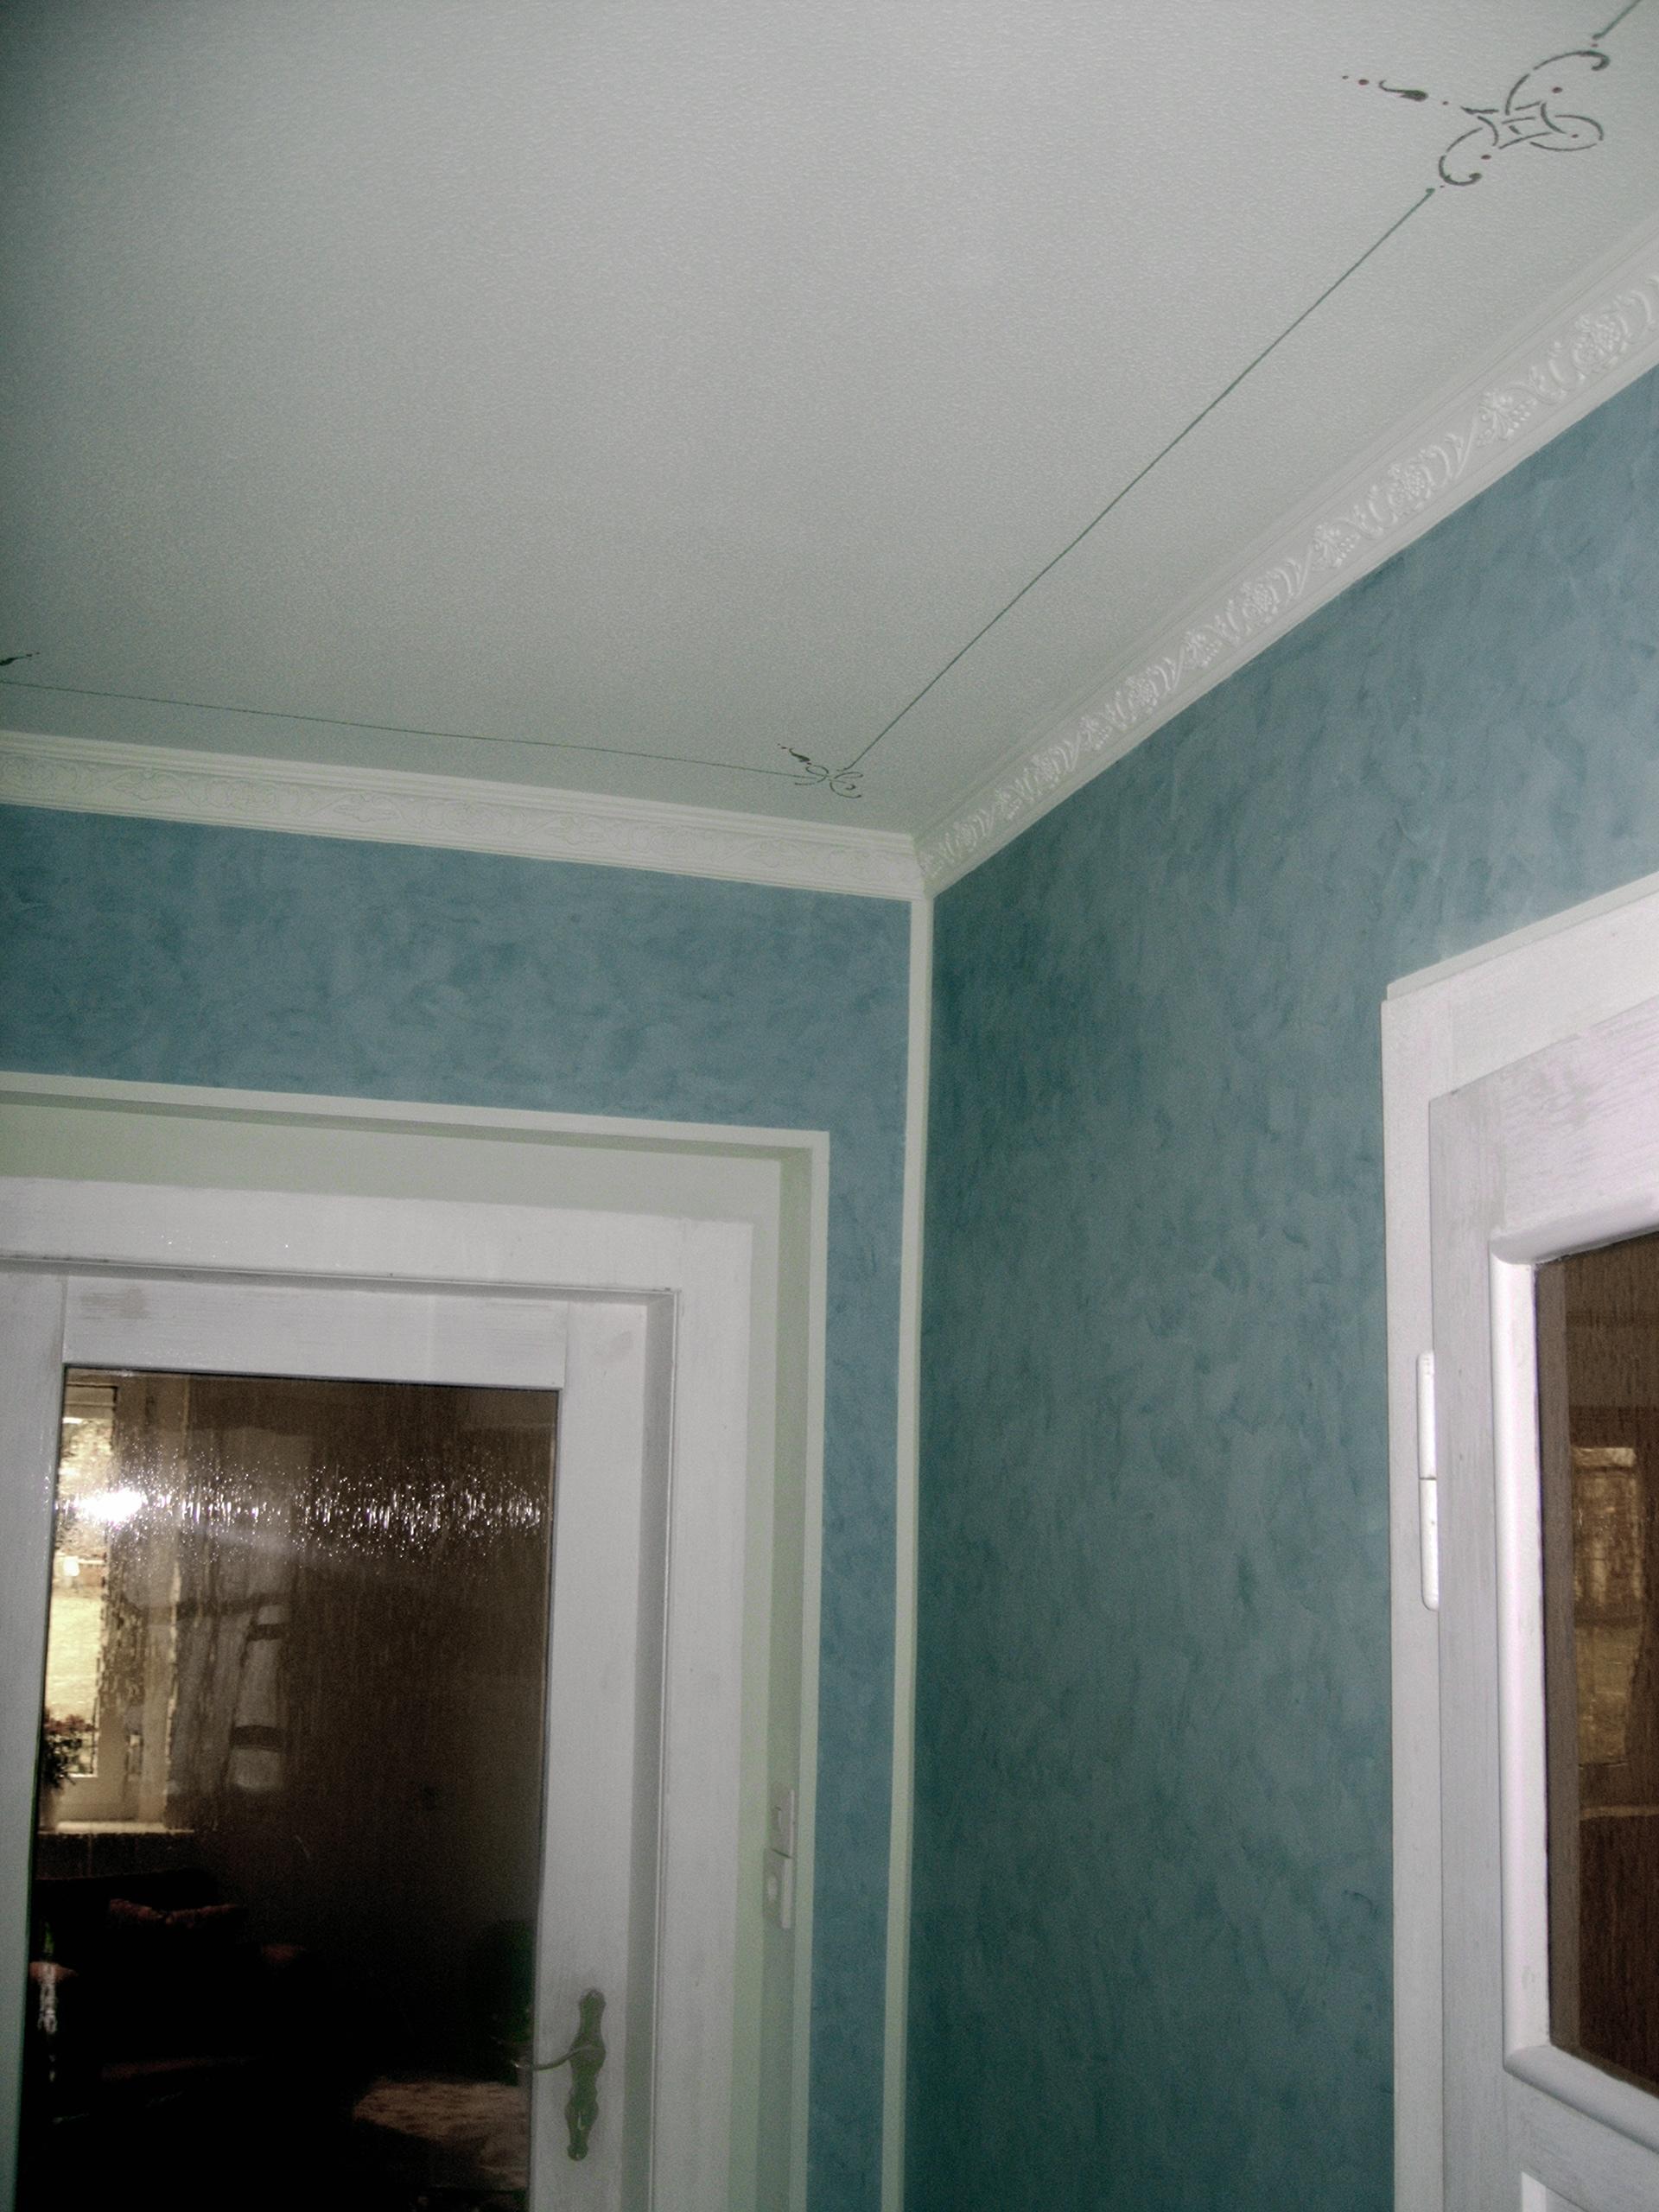 tapezierarbeiten und malerarbeiten individuell mit spachteltechnik strukturvliestapete. Black Bedroom Furniture Sets. Home Design Ideas